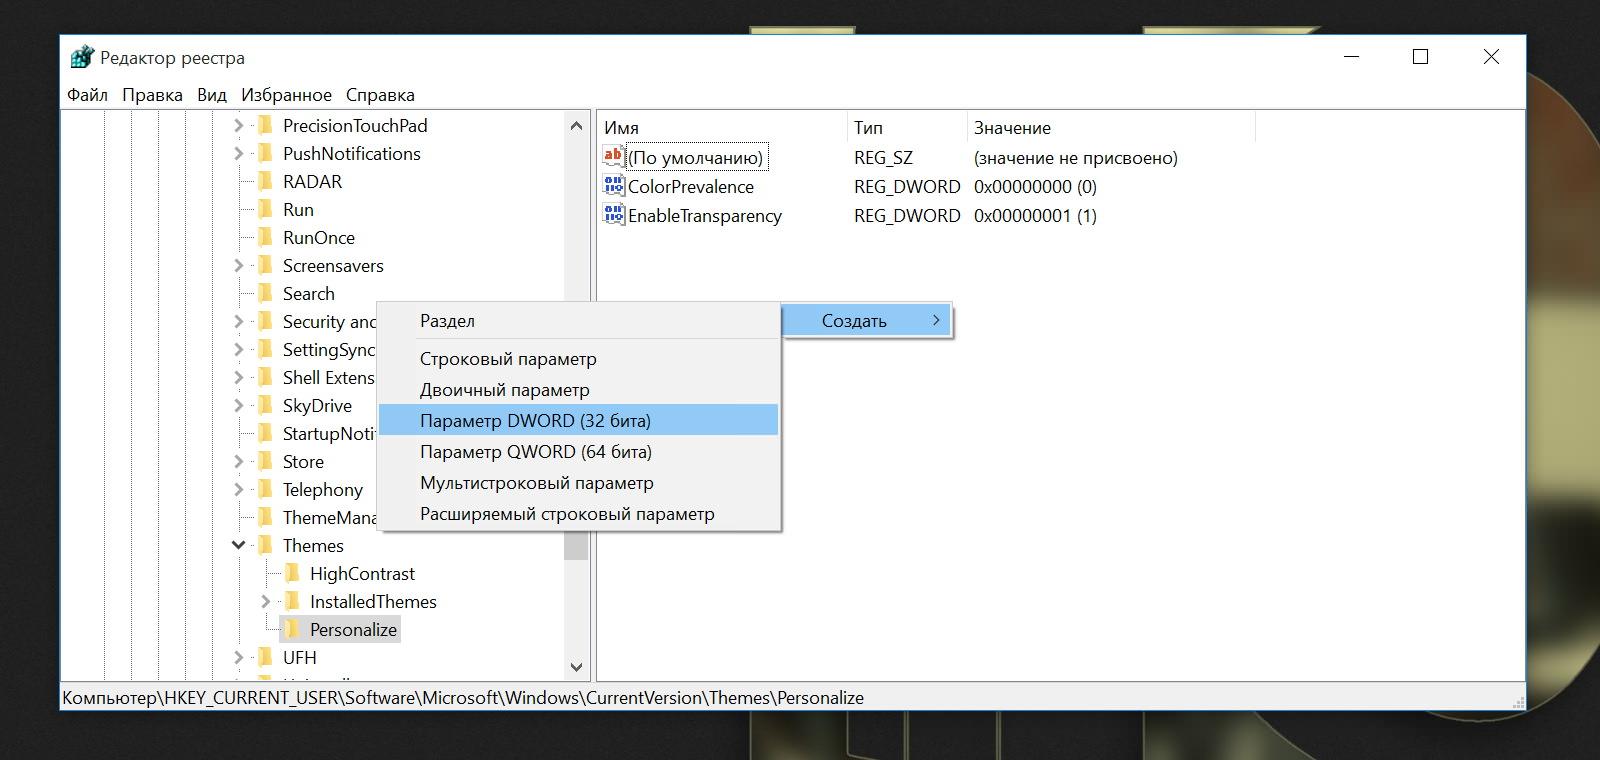 Как подключить темную тему оформления в Windows 10 Professional